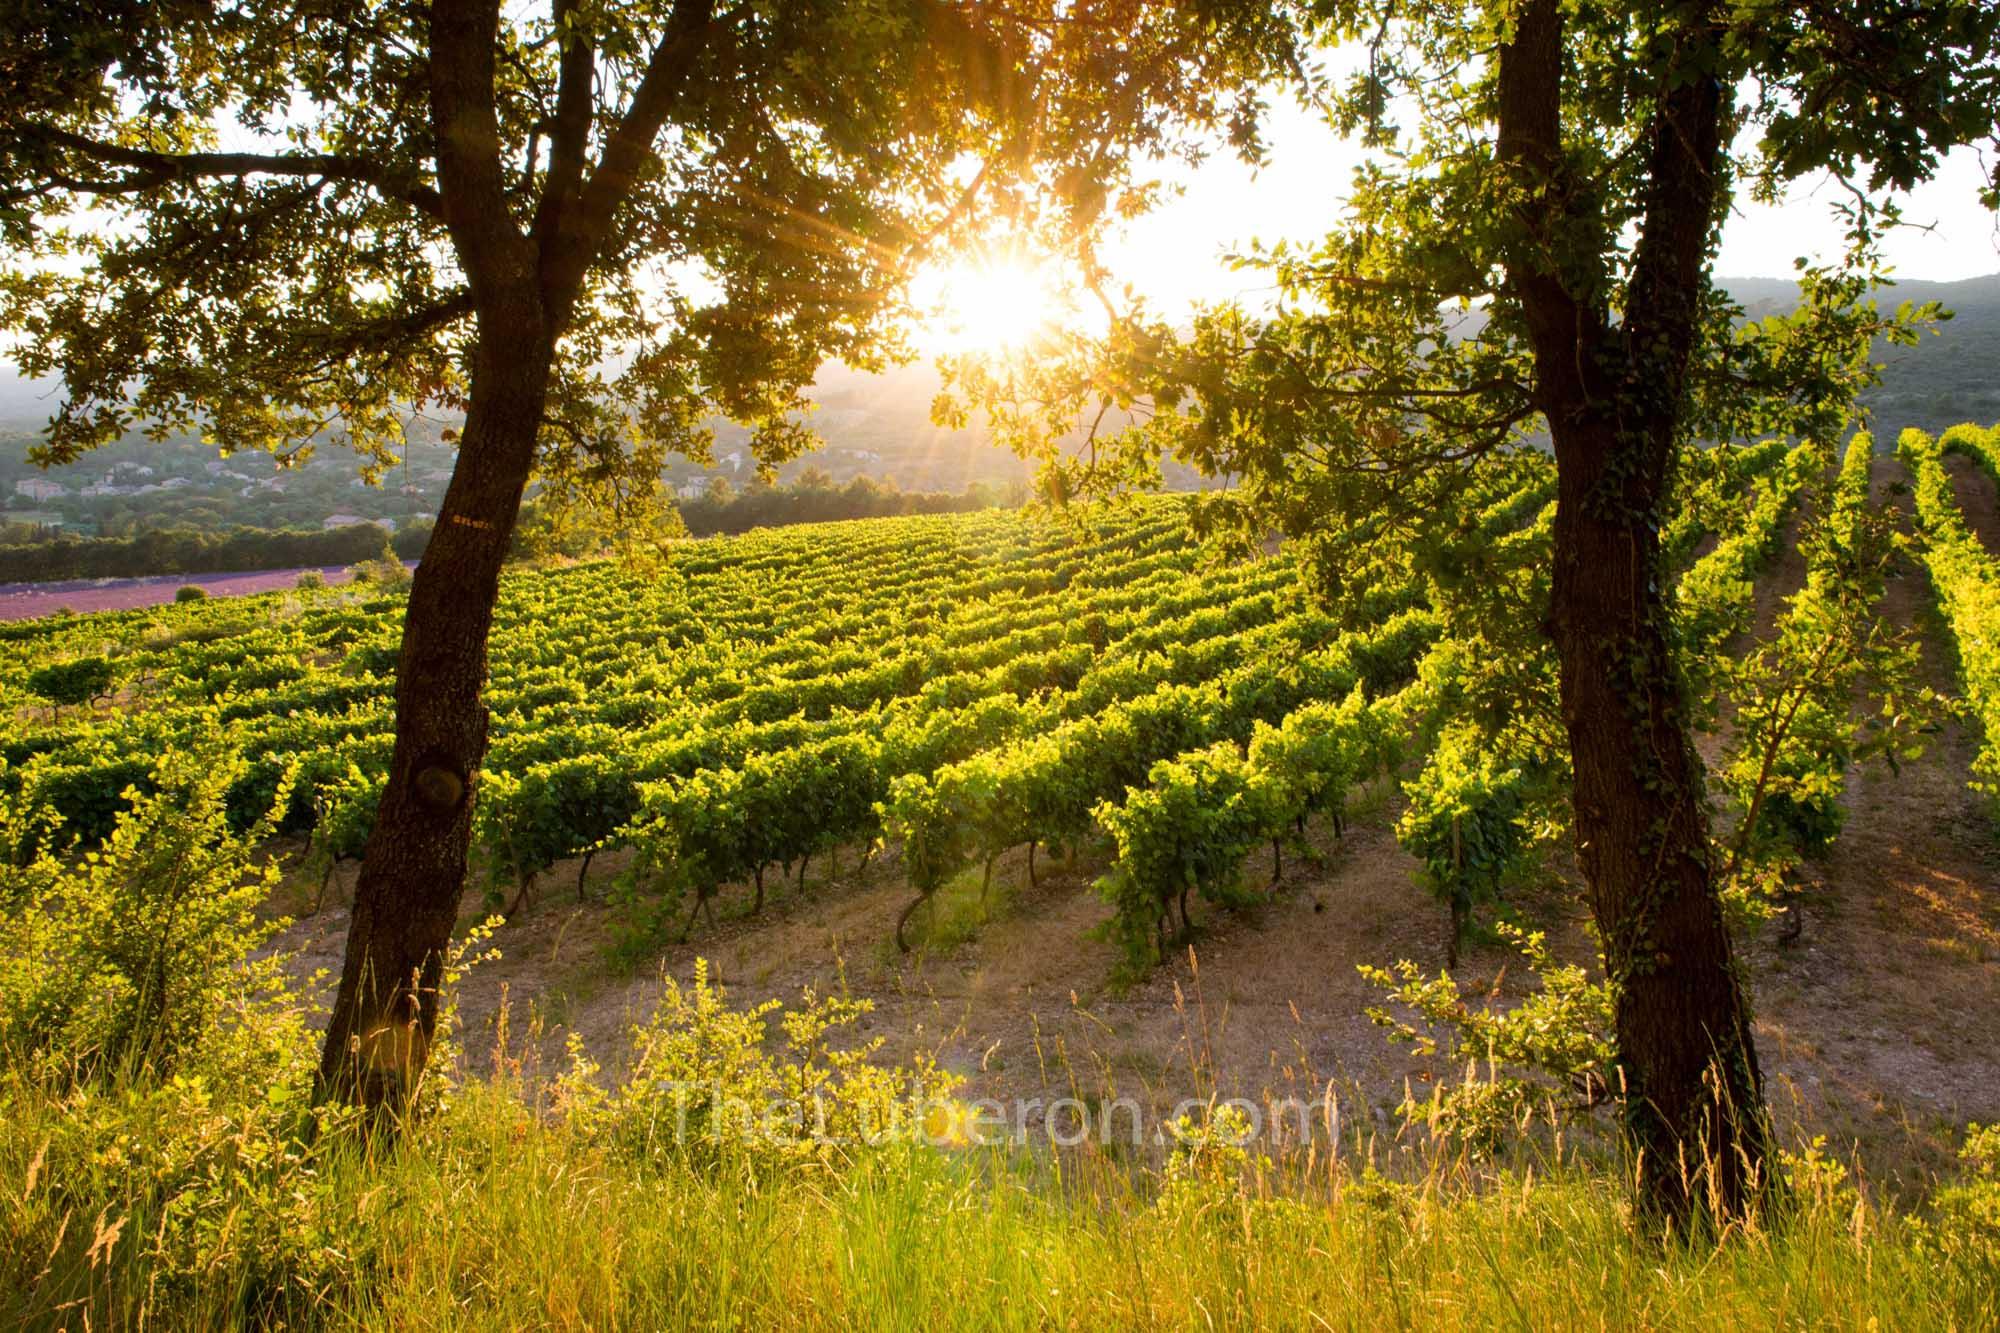 Luberon vineyard at sunset